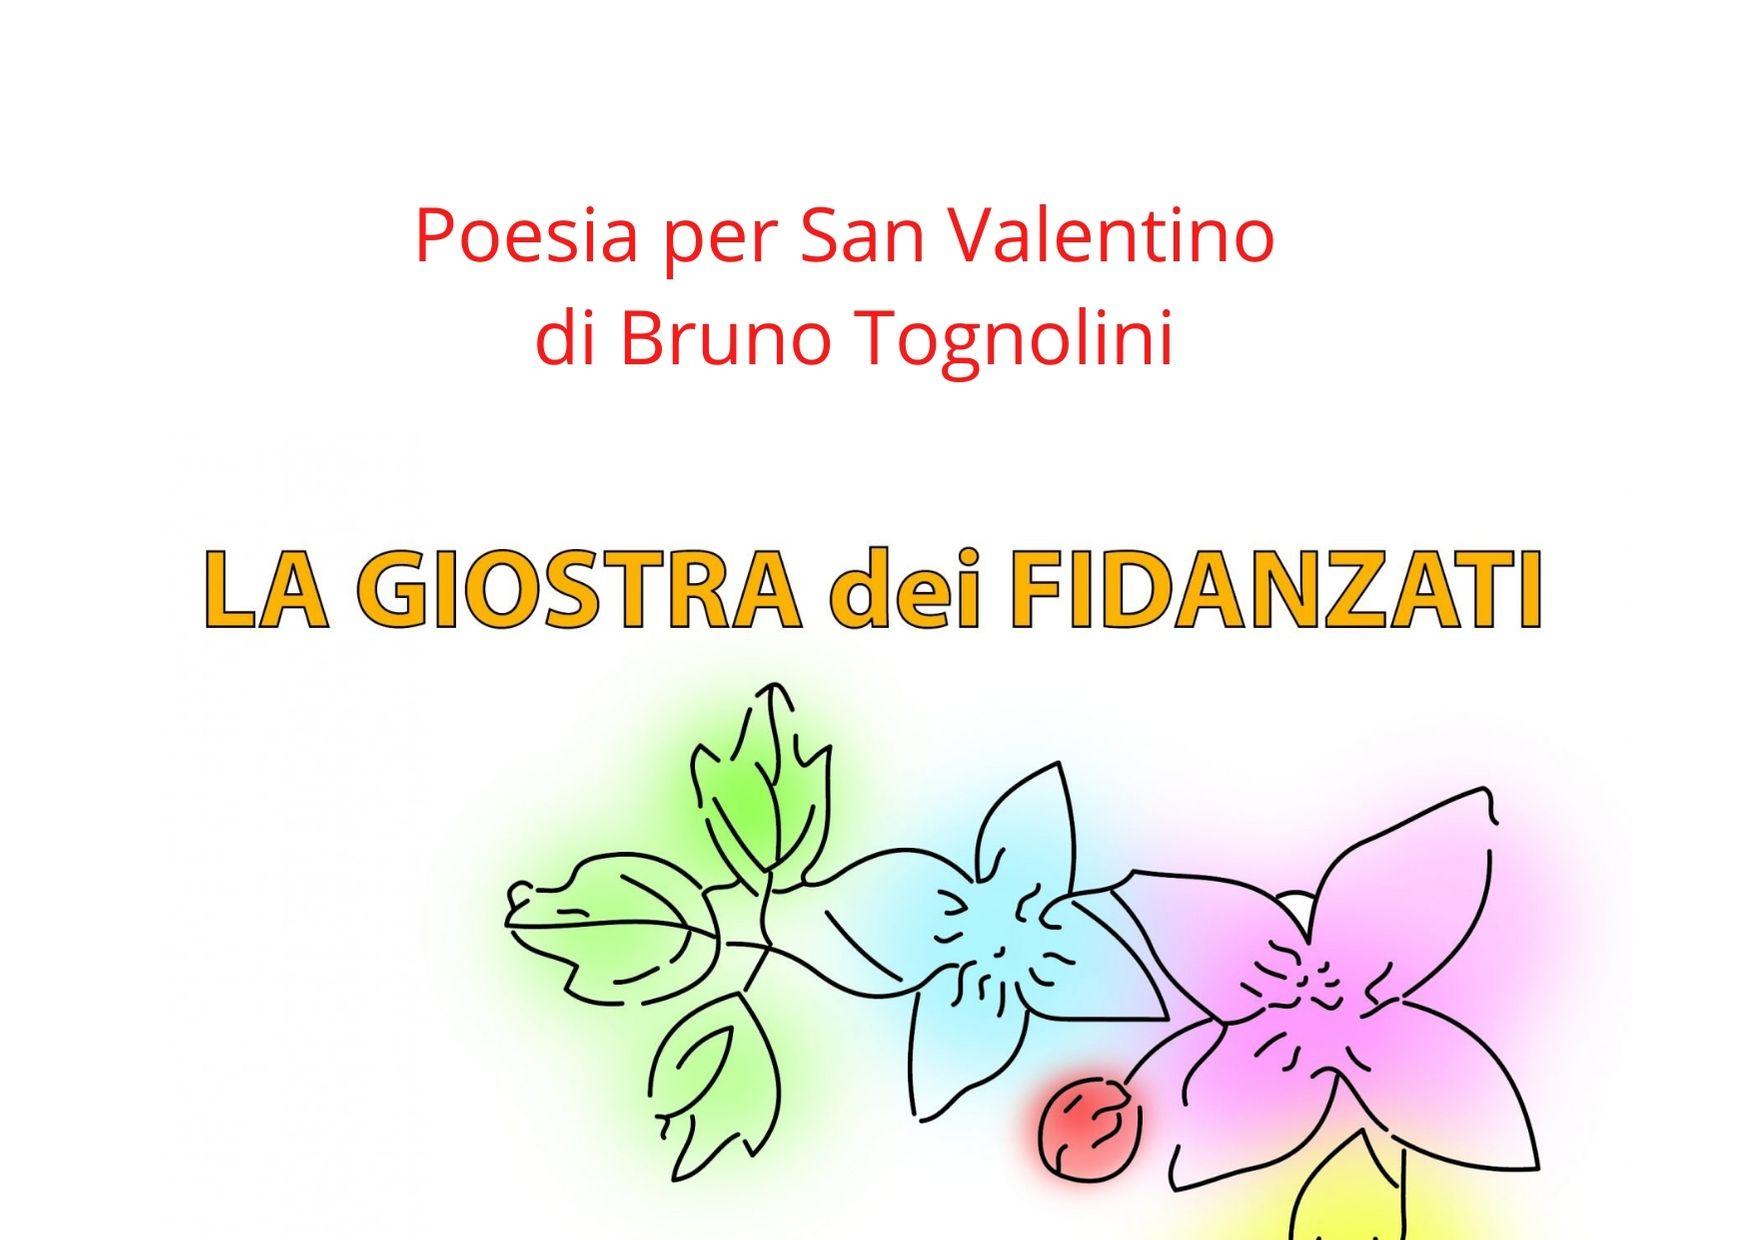 Poesia San Valentino – La giostra dei fidanzati di Bruno Tognolini